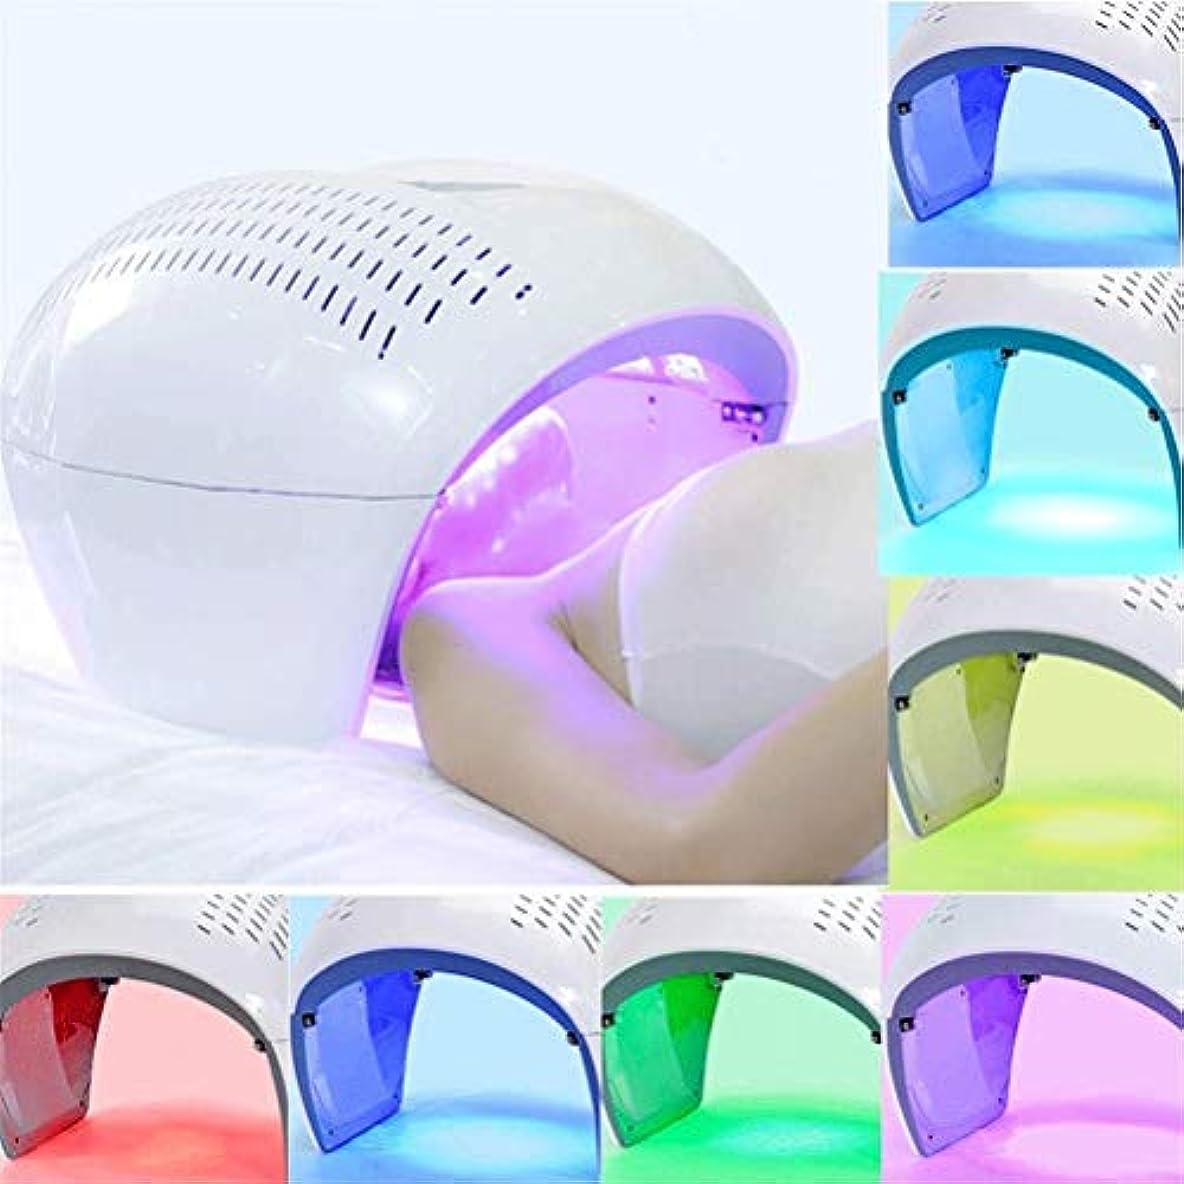 閉じるスライスこどもの日美容機、ホームサロンの使用のためにフェイシャルマスクセラピーライトポータブル光子PDTにきび治療しわ除去アンチエイジング肌の若返りスキンケア美容機LED - 7色の